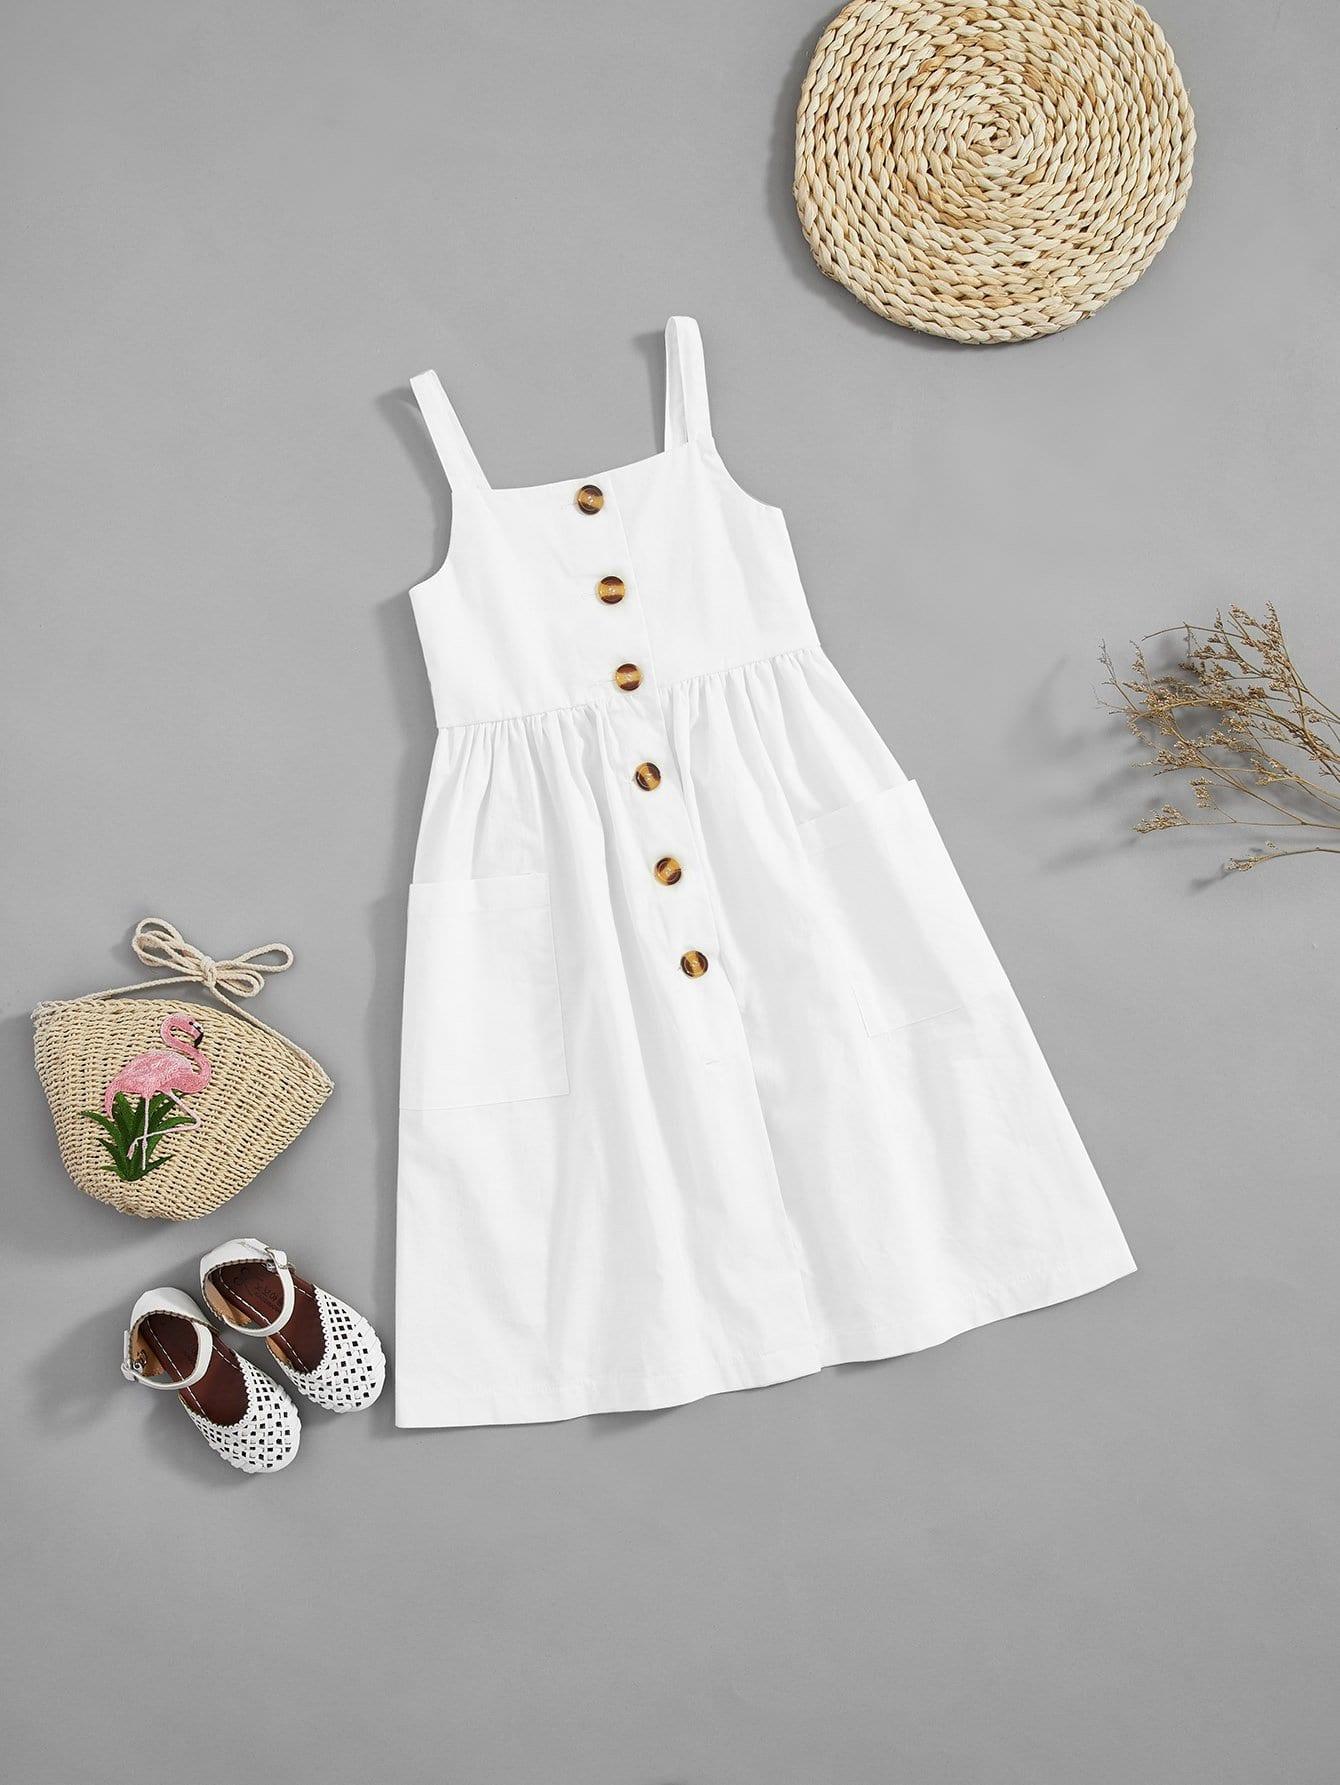 Купить Платье с украшением с пуговиц для девочки, null, SheIn